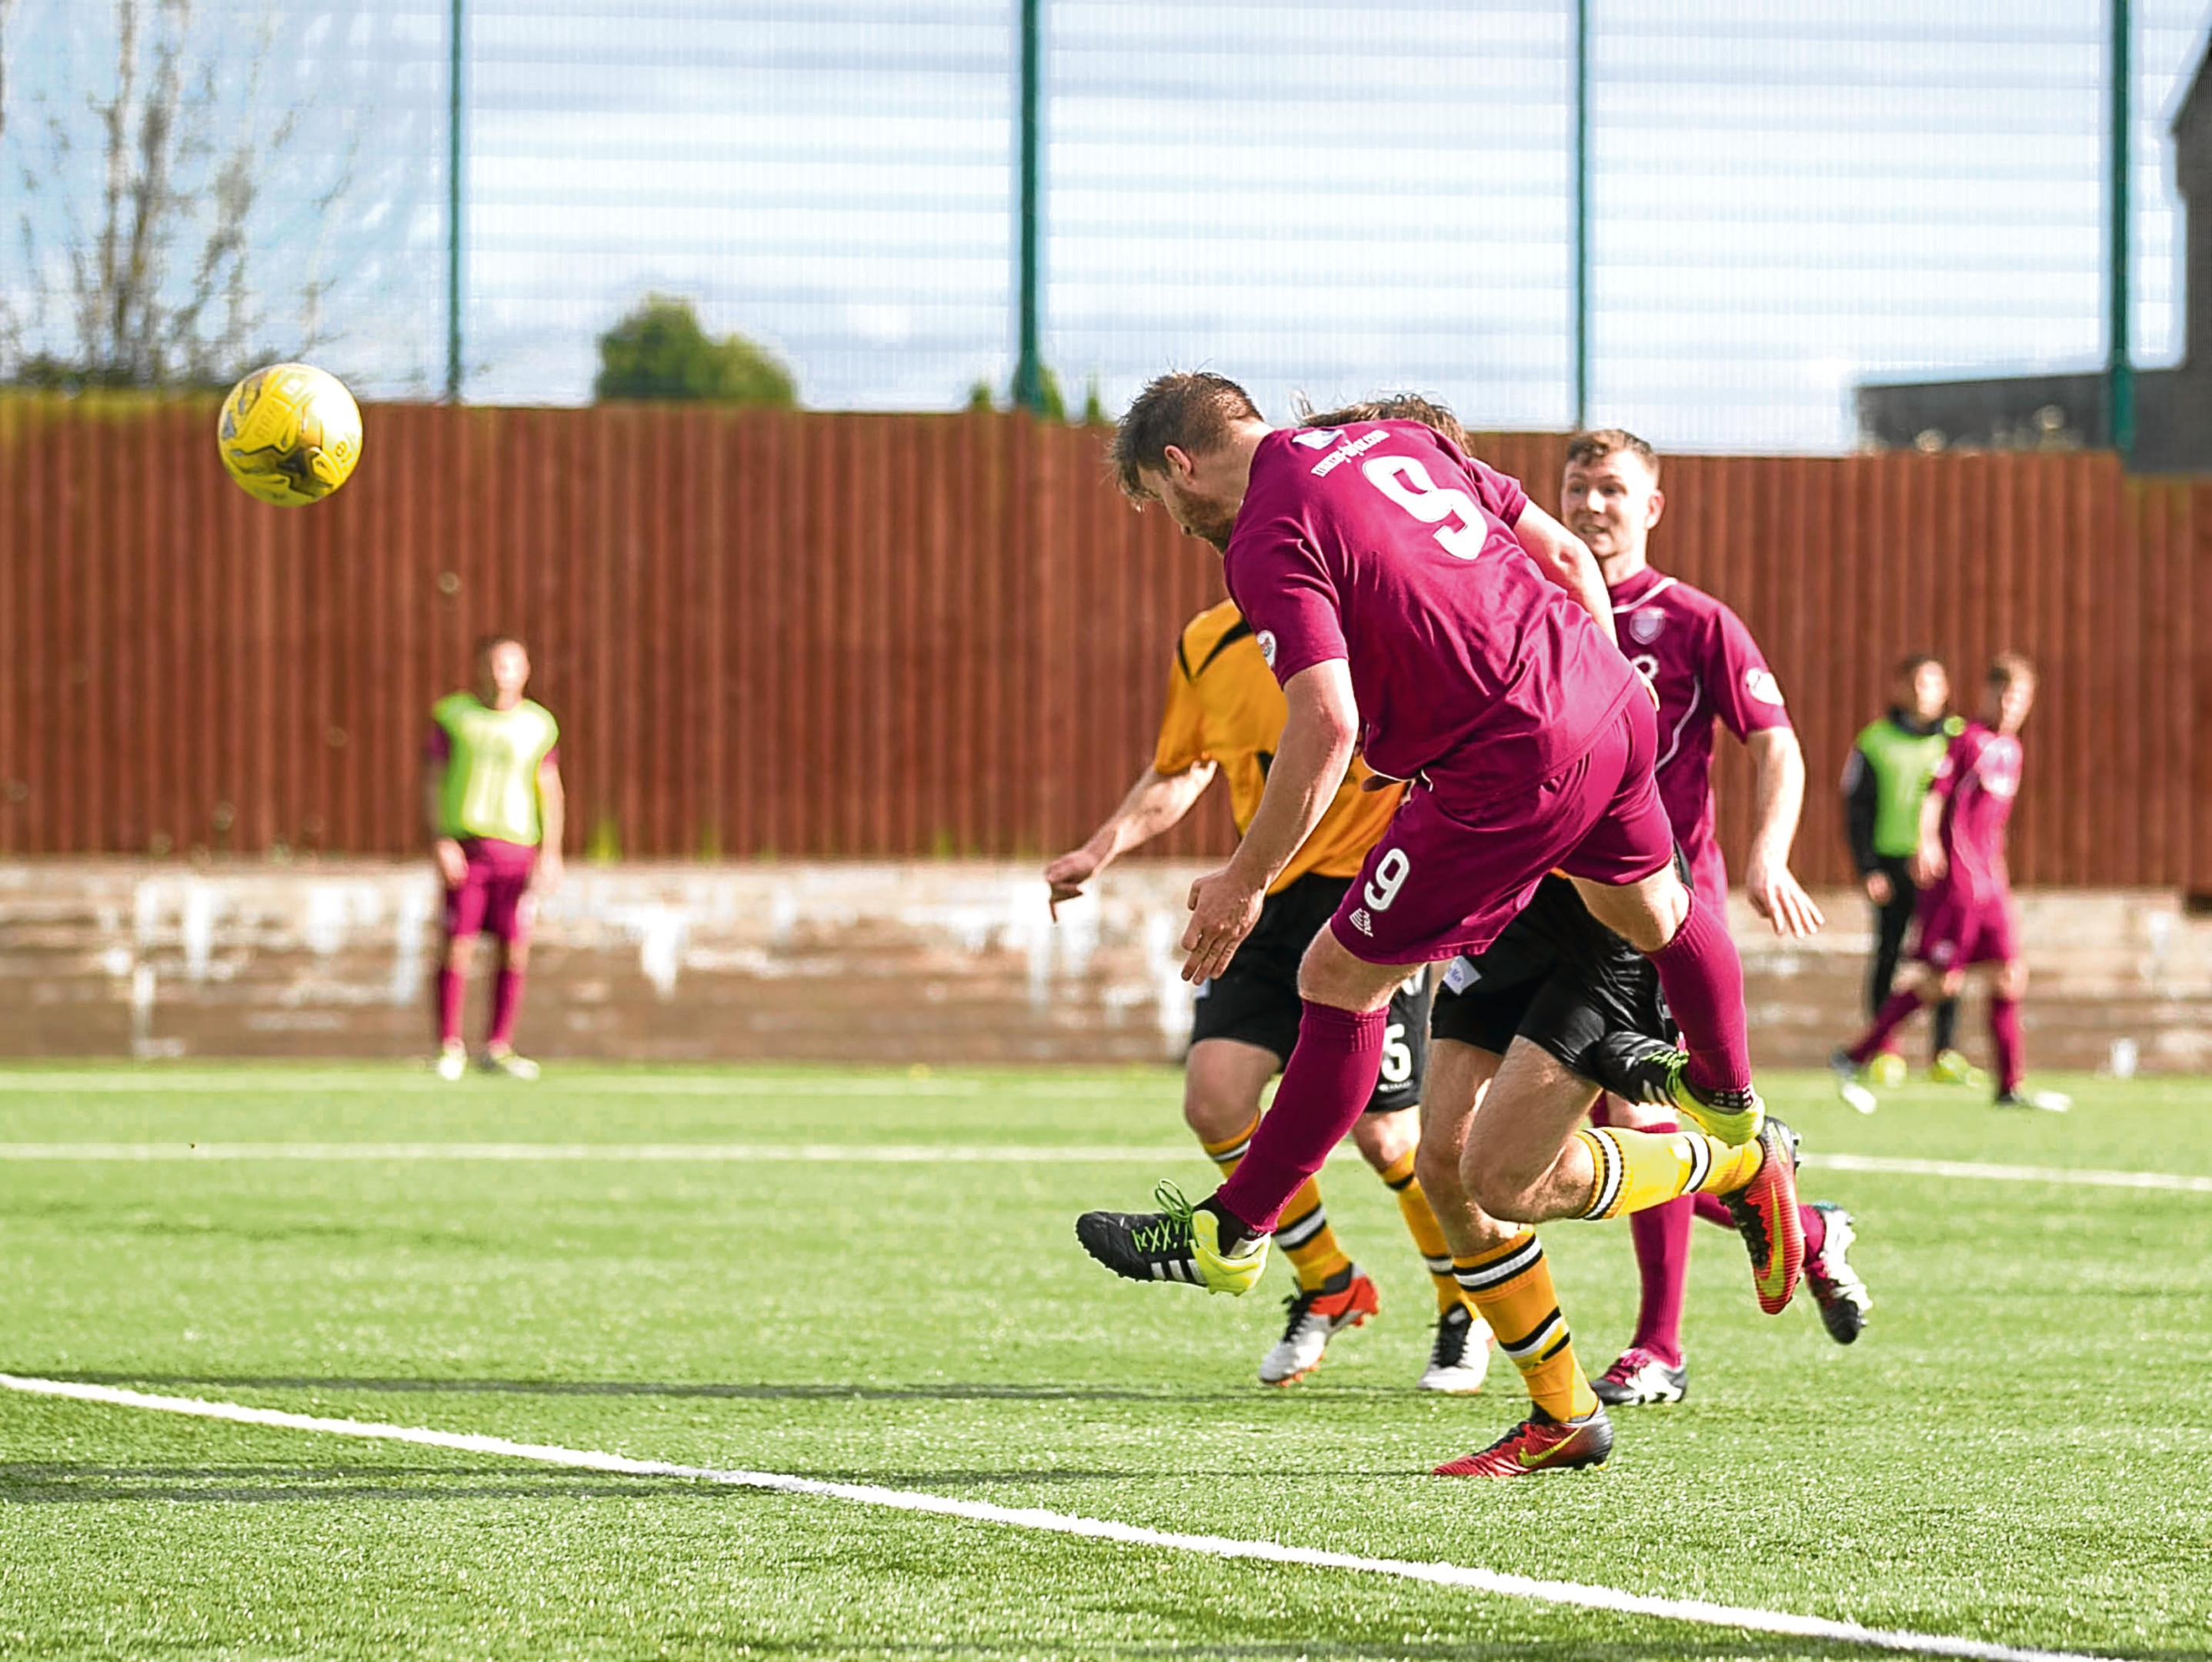 Steven Doris scores Arbroath's third goal.